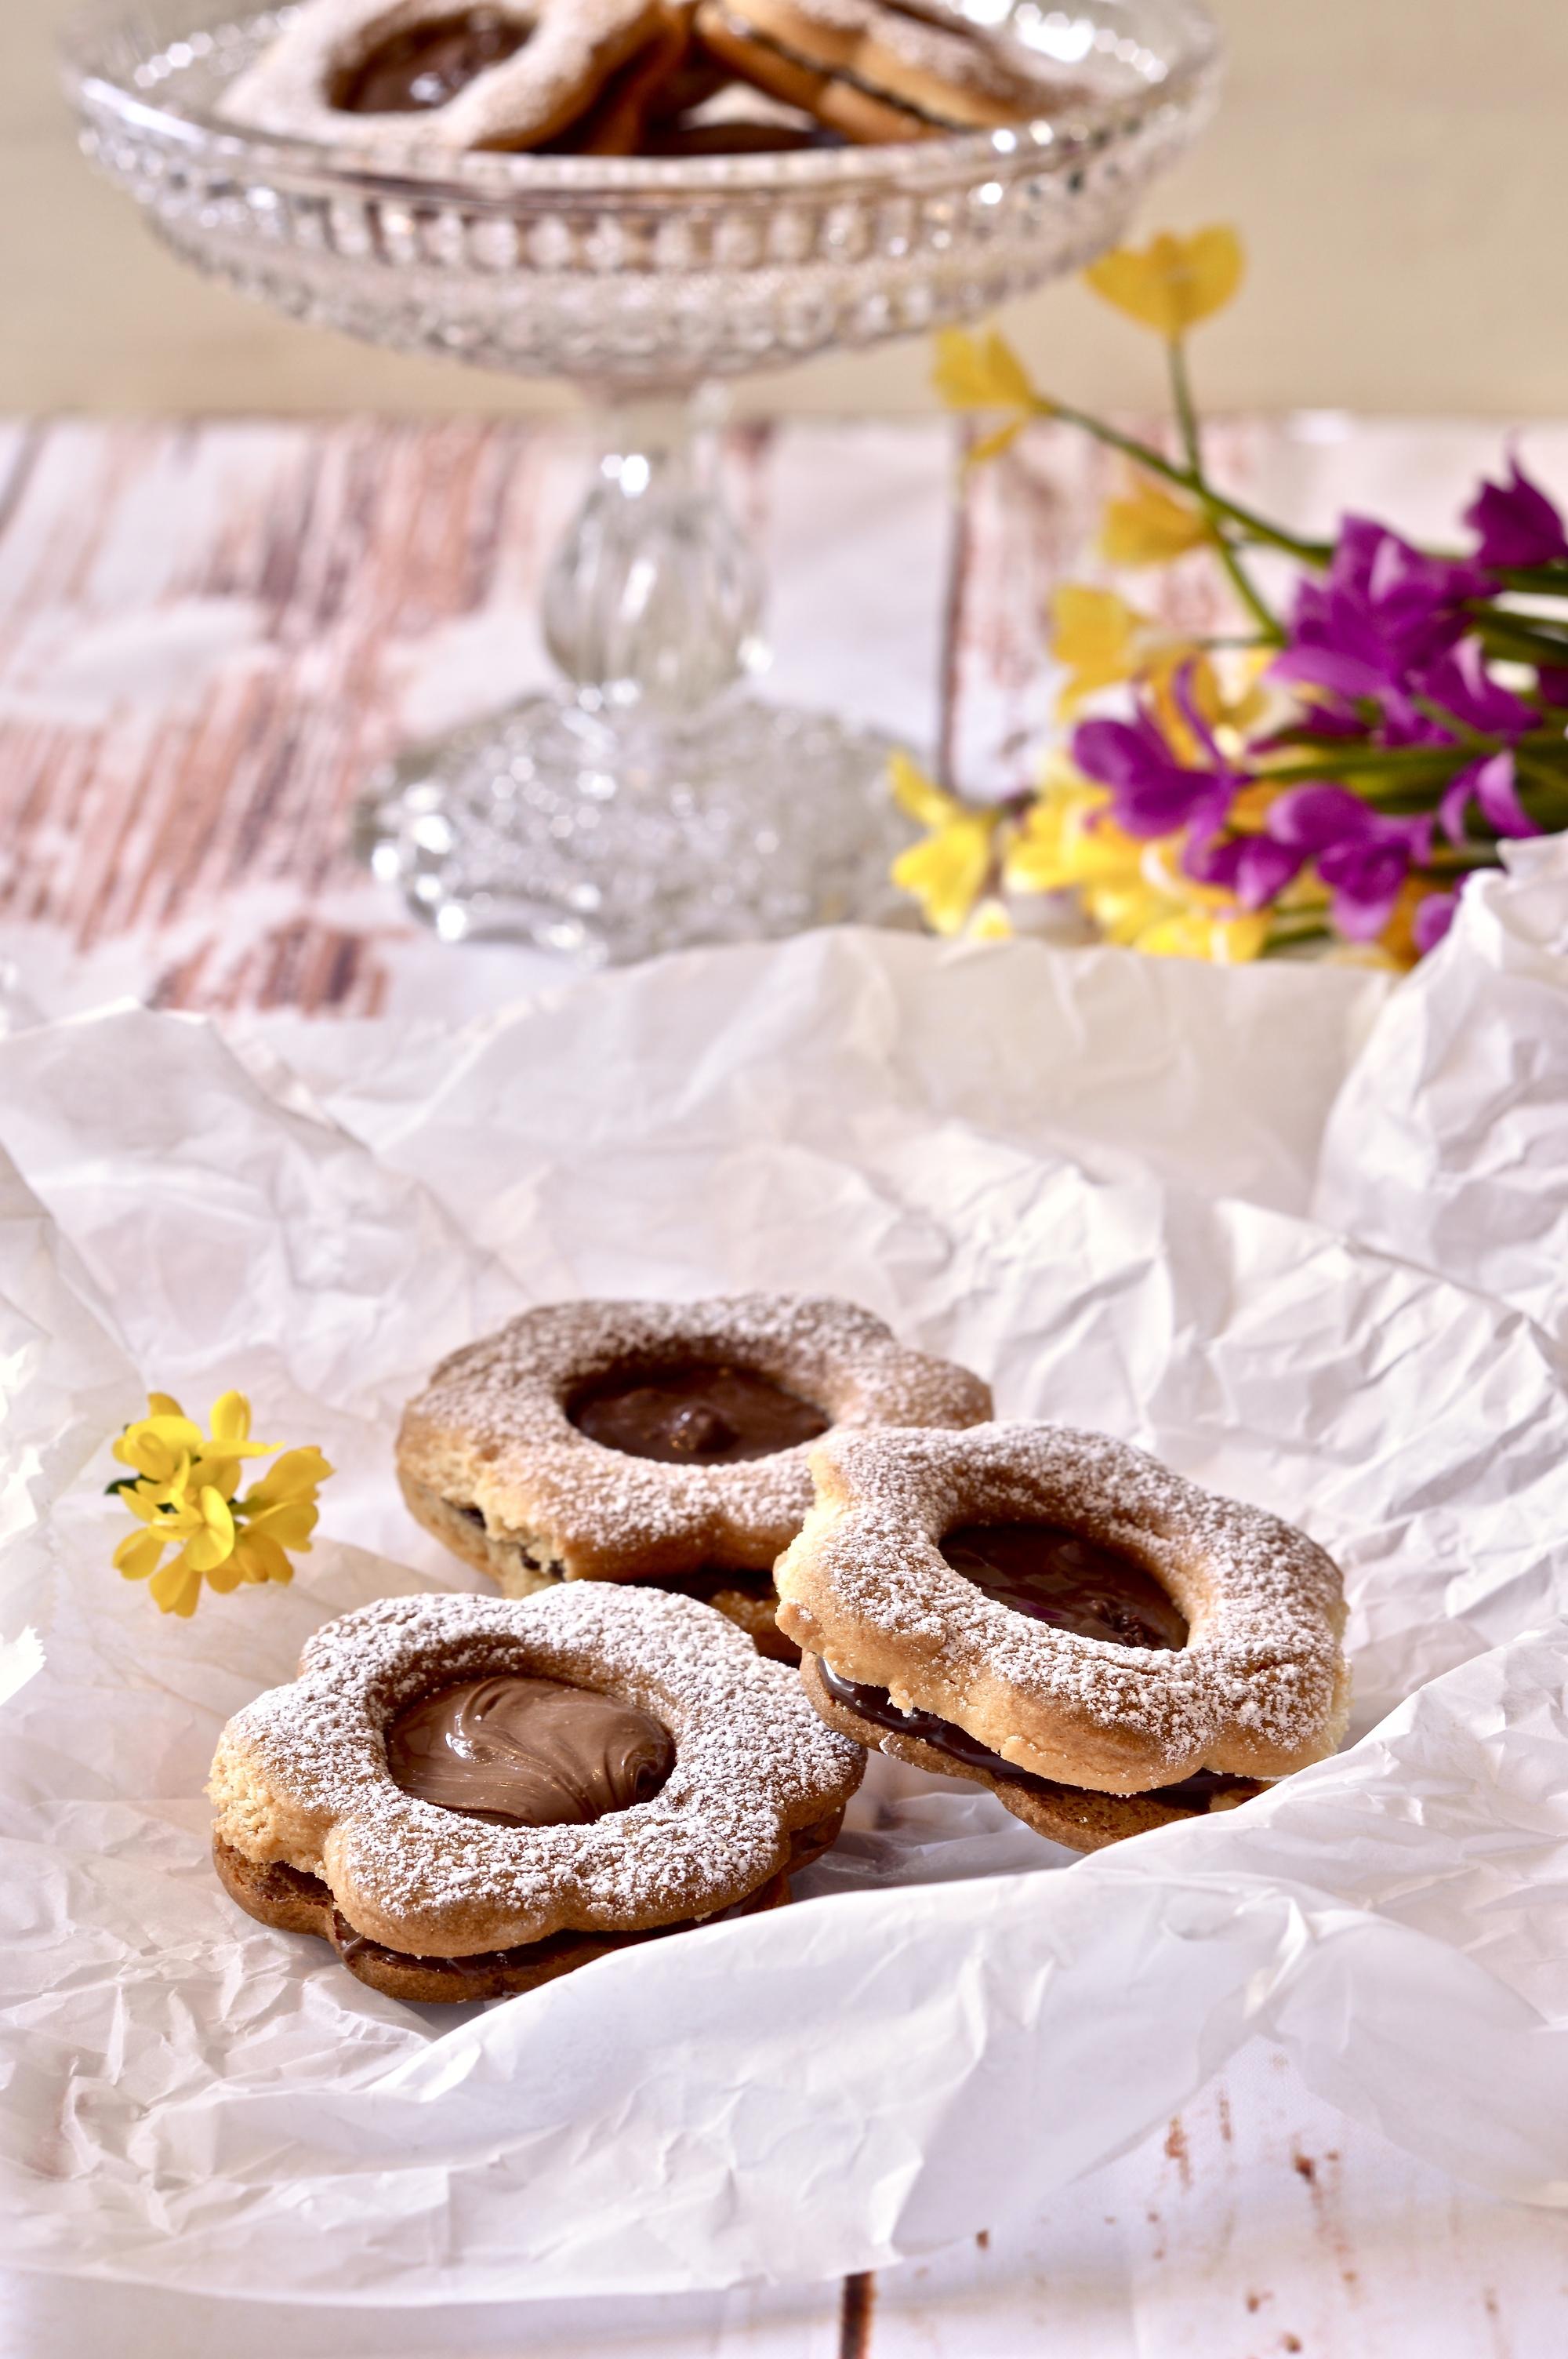 biscotti-da-the-con-crema-cioccolato